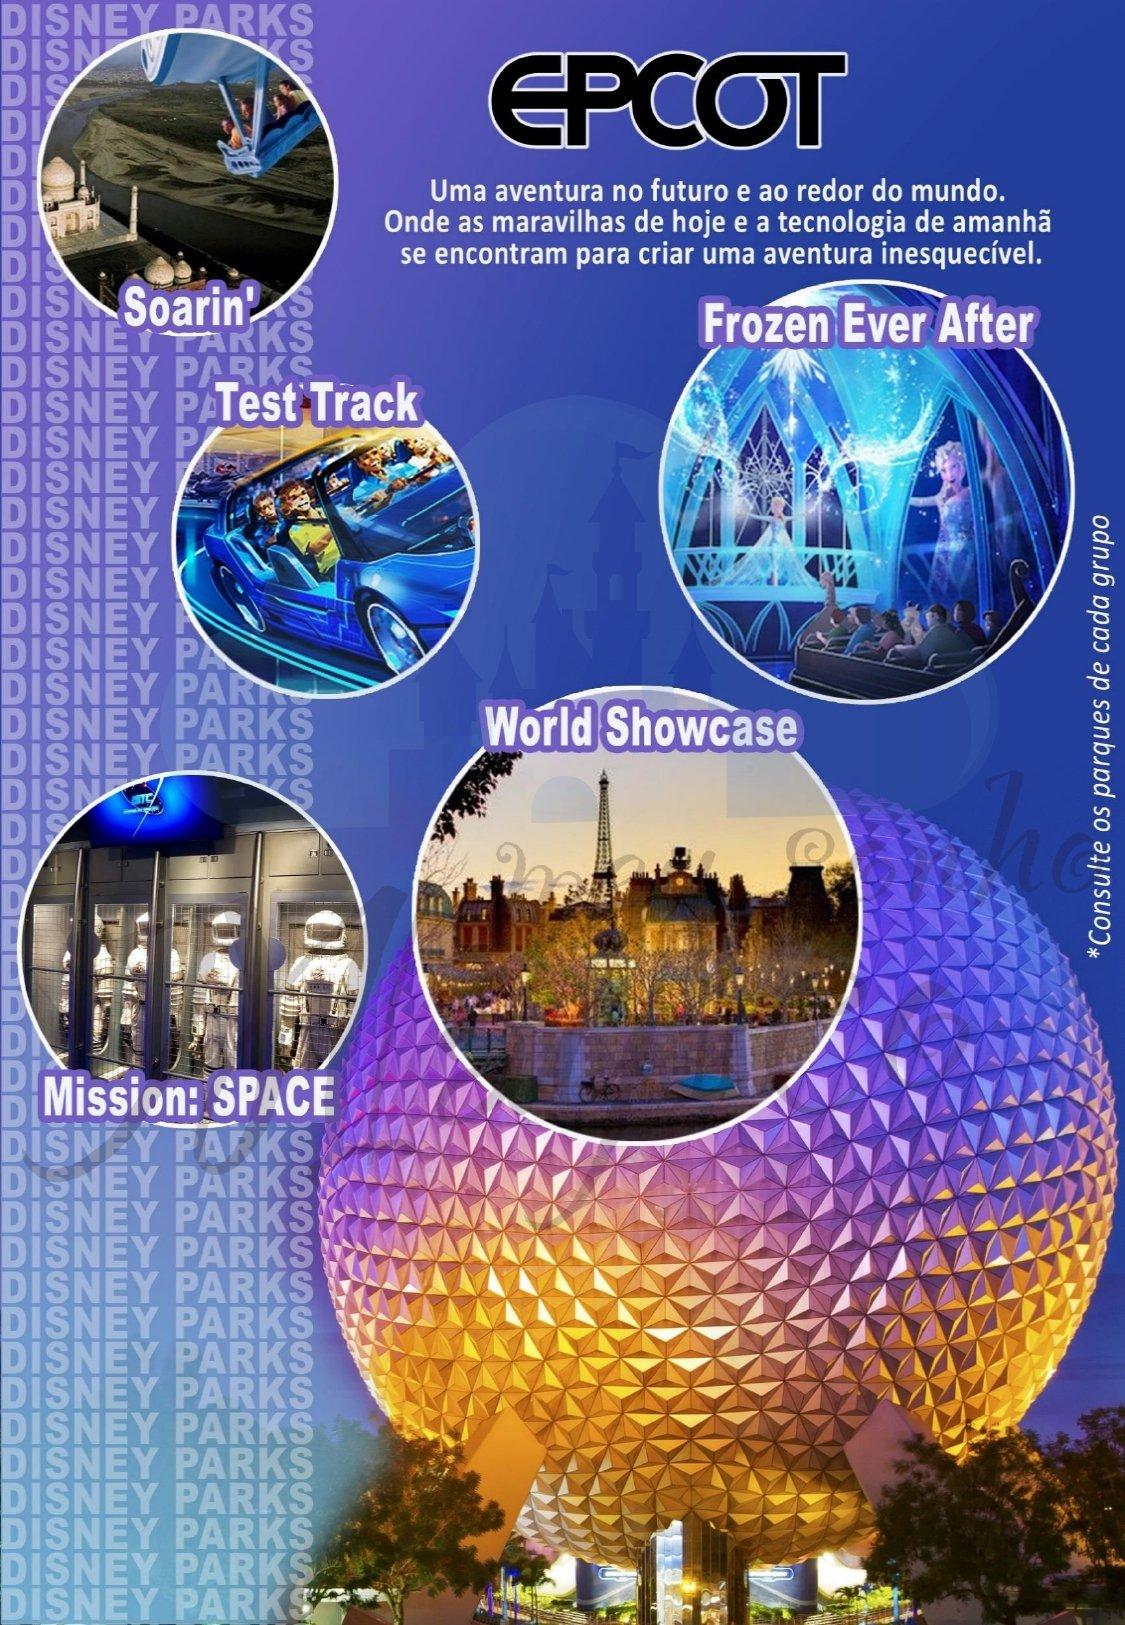 Grupo Family Verão - Disney Julho 2022 9